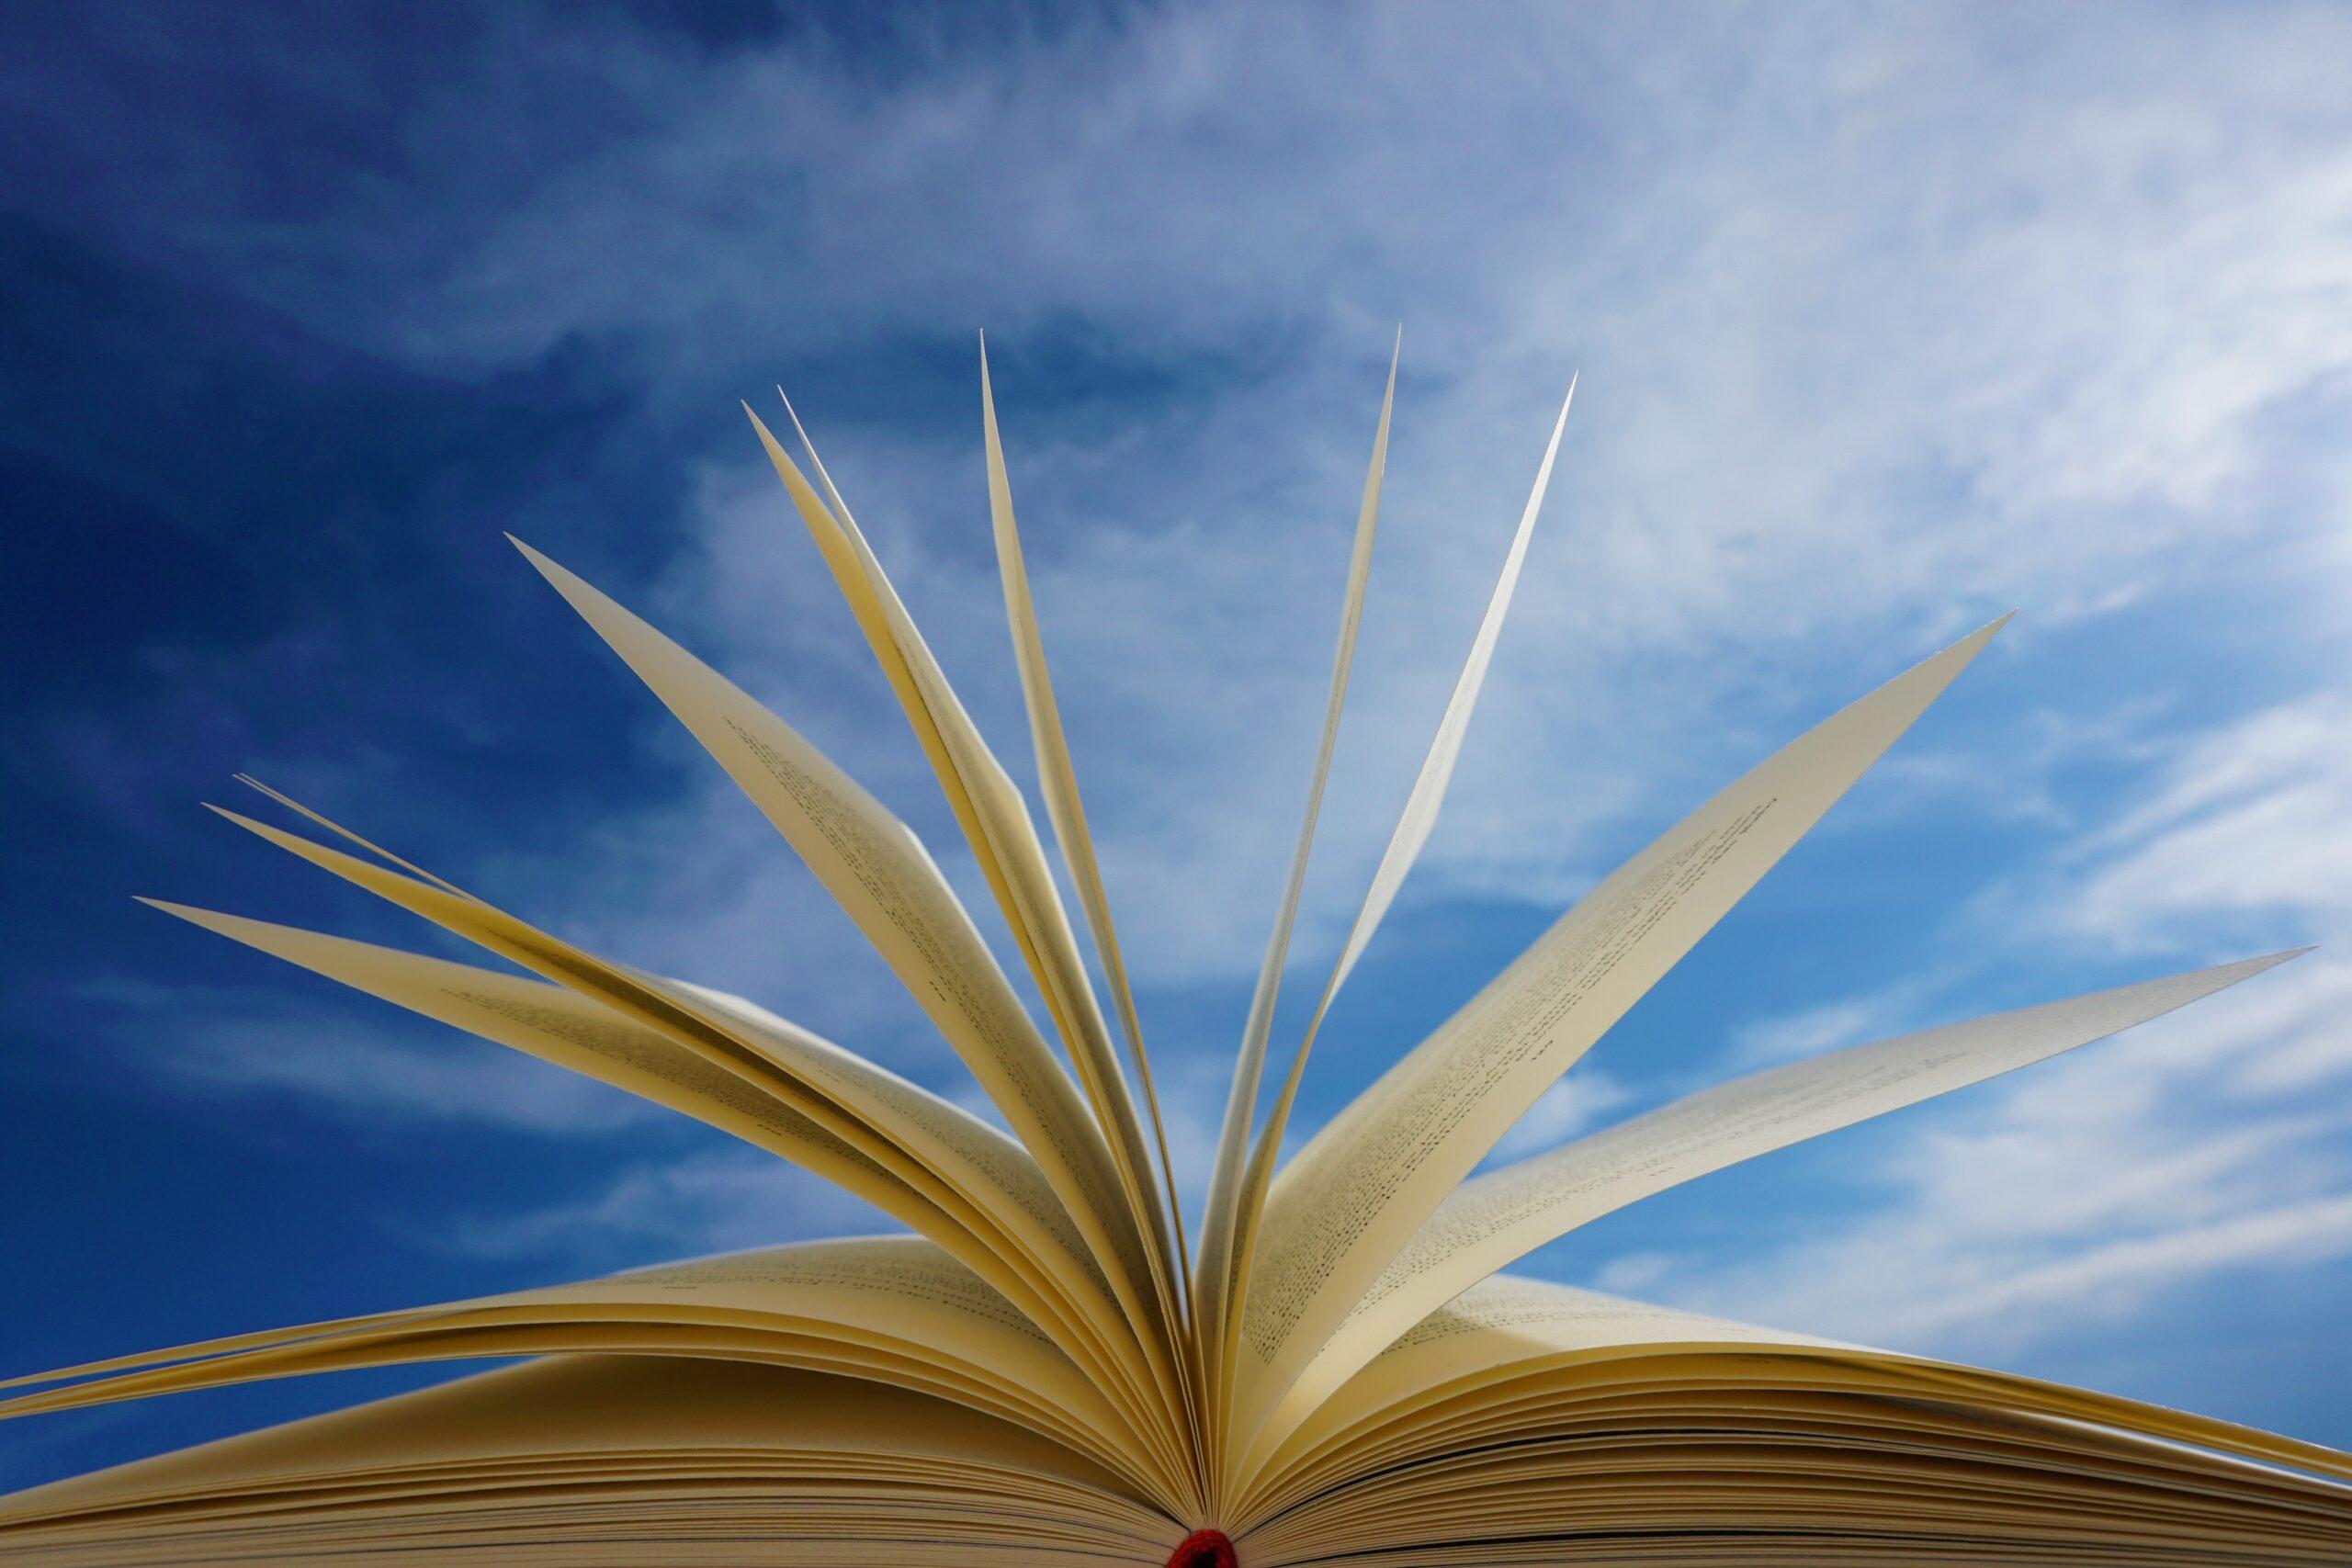 Fotografia przedstawiająca kartkowanie książki na tle nieba